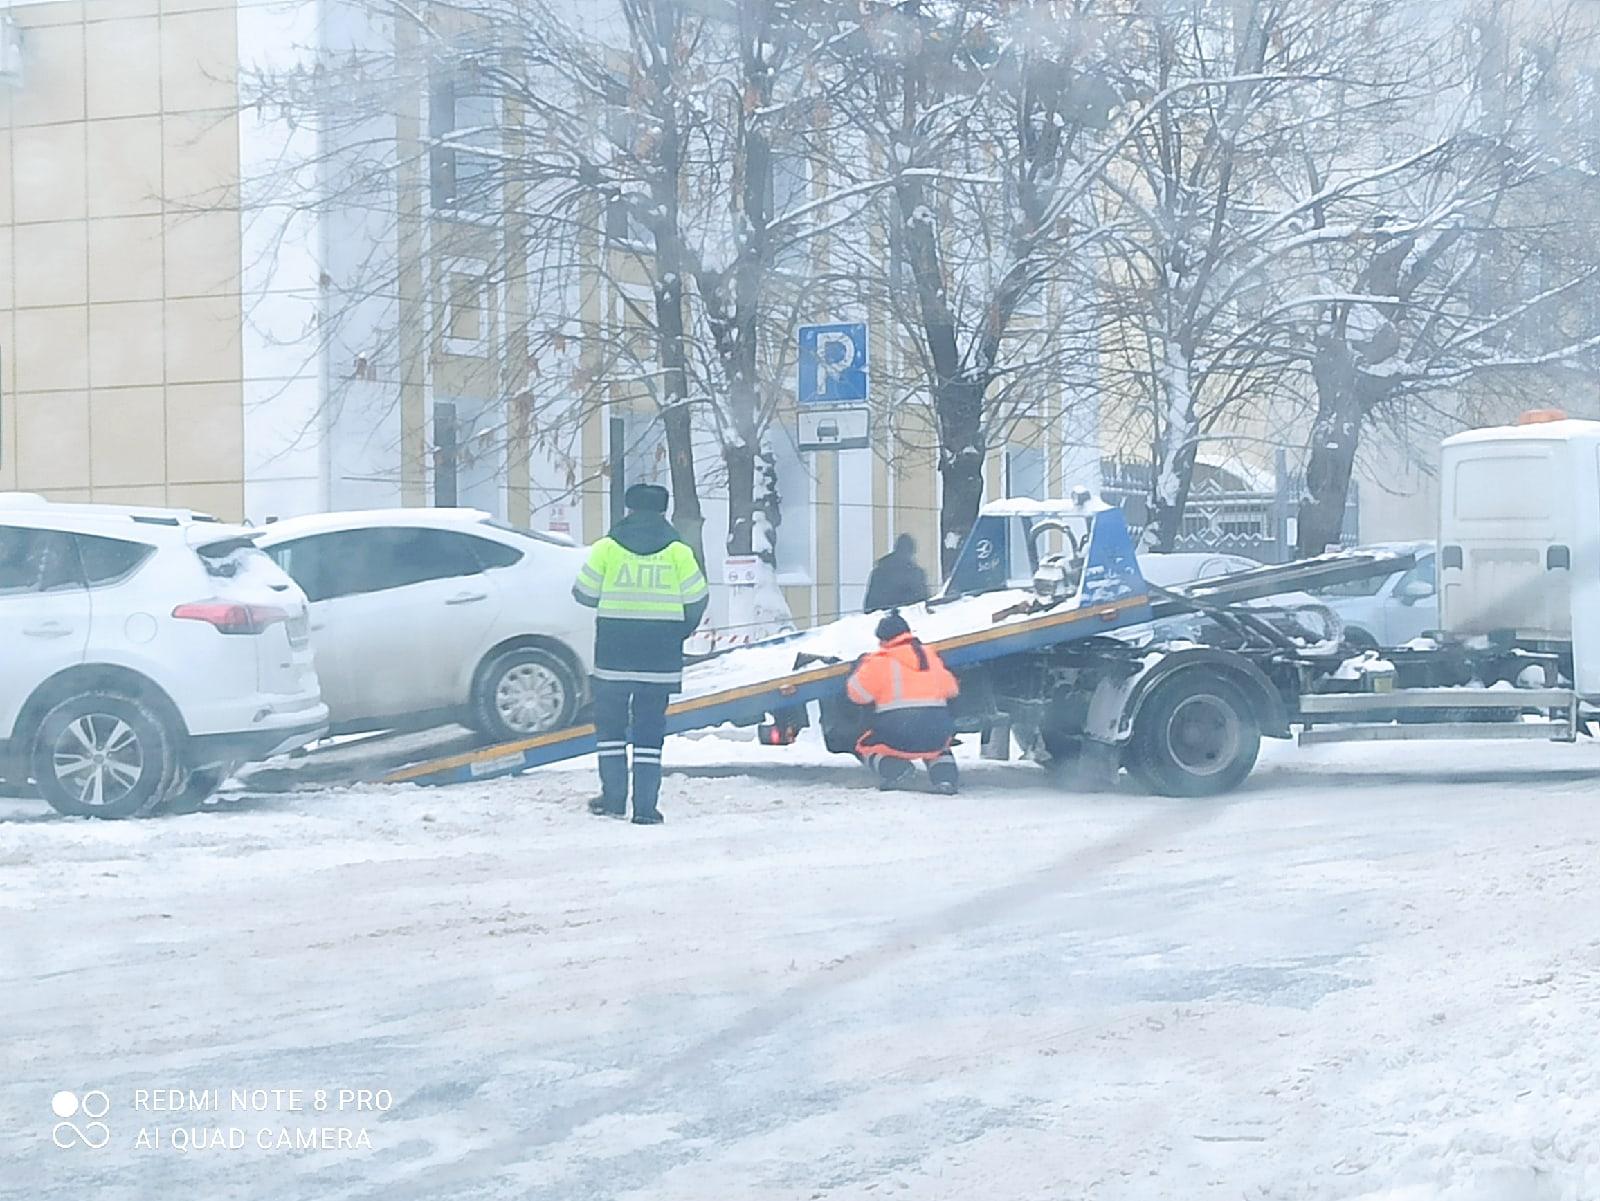 Автомобилисты, видя знак «Параллельная парковка», встали «елочкой». За это и поплатились